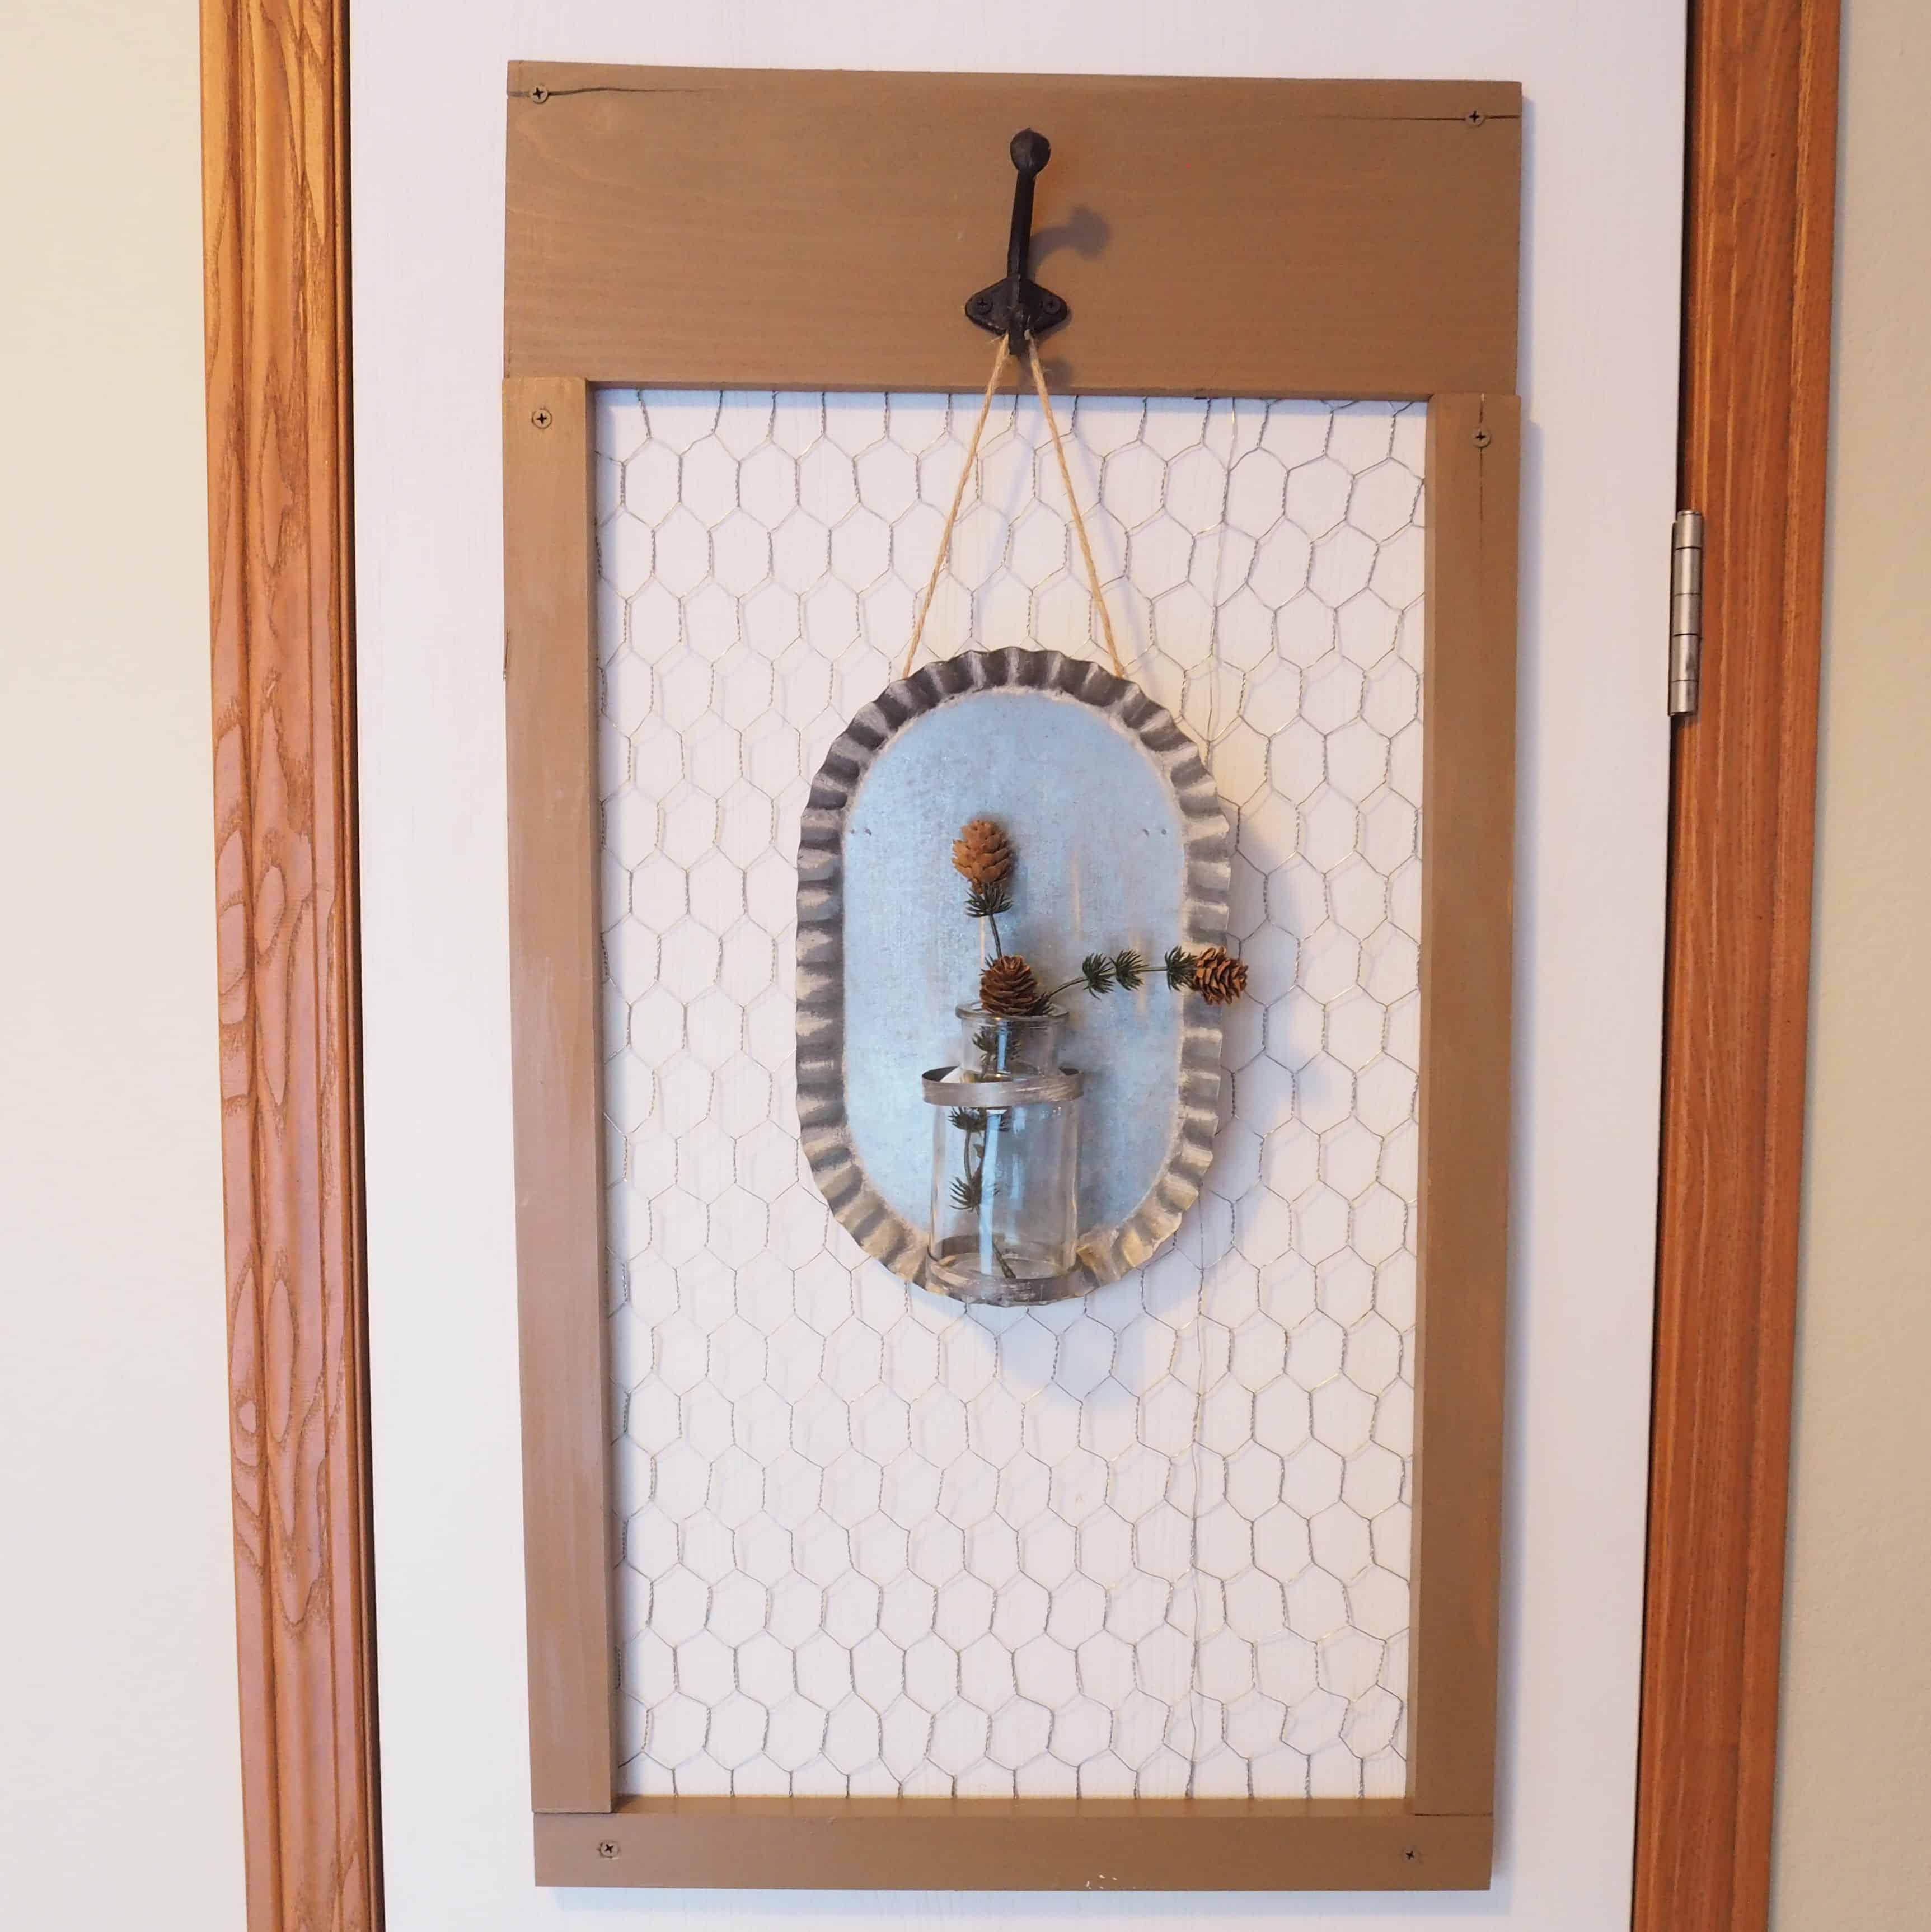 full view of pantry door